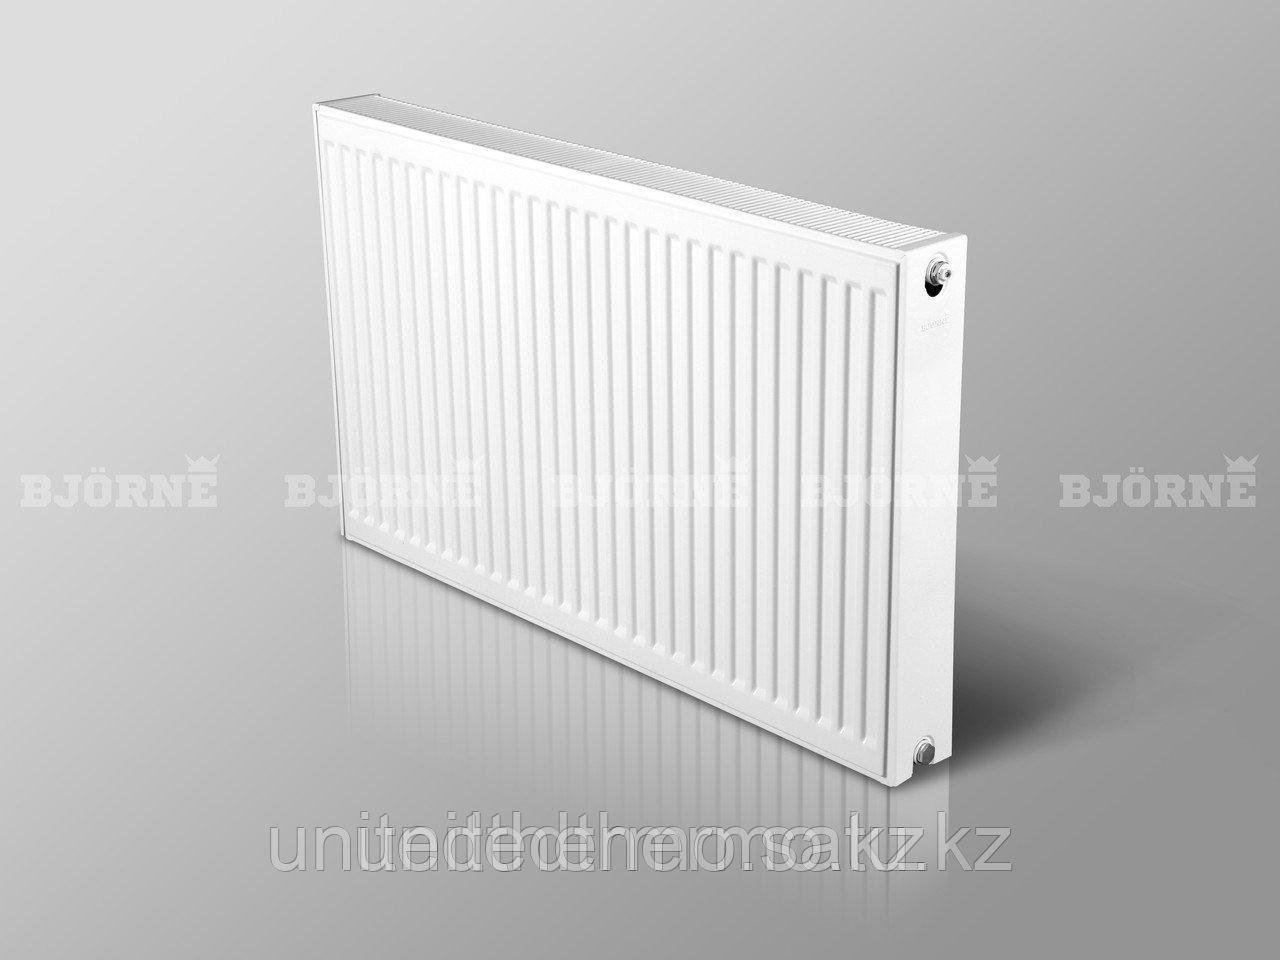 Стальной панельный радиатор Bjorne тип 21K H500мм*L400мм до L3000мм боковое подключение